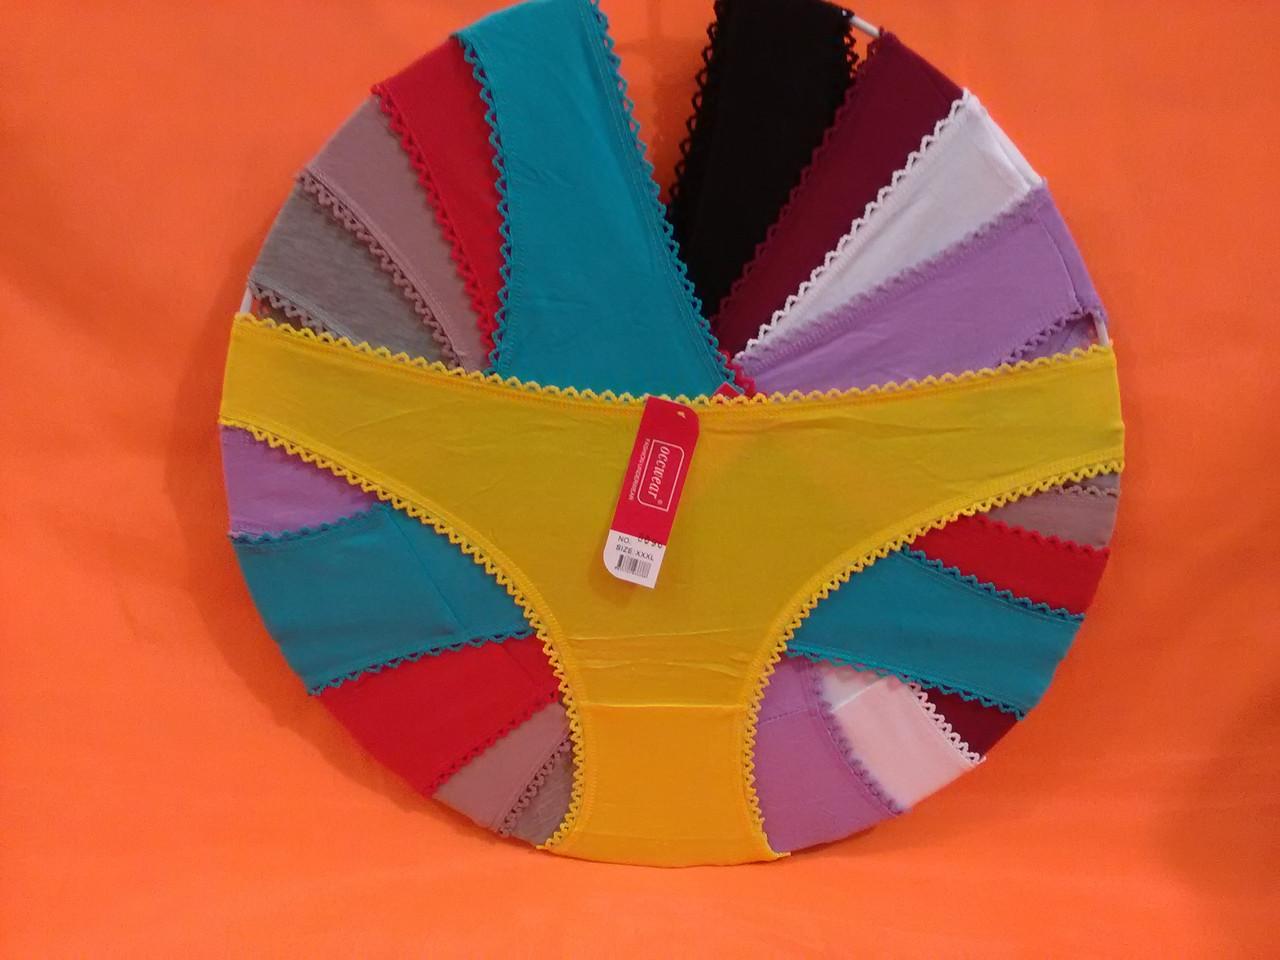 Трусы хлопок 44-48рр, один цвет в упаковке